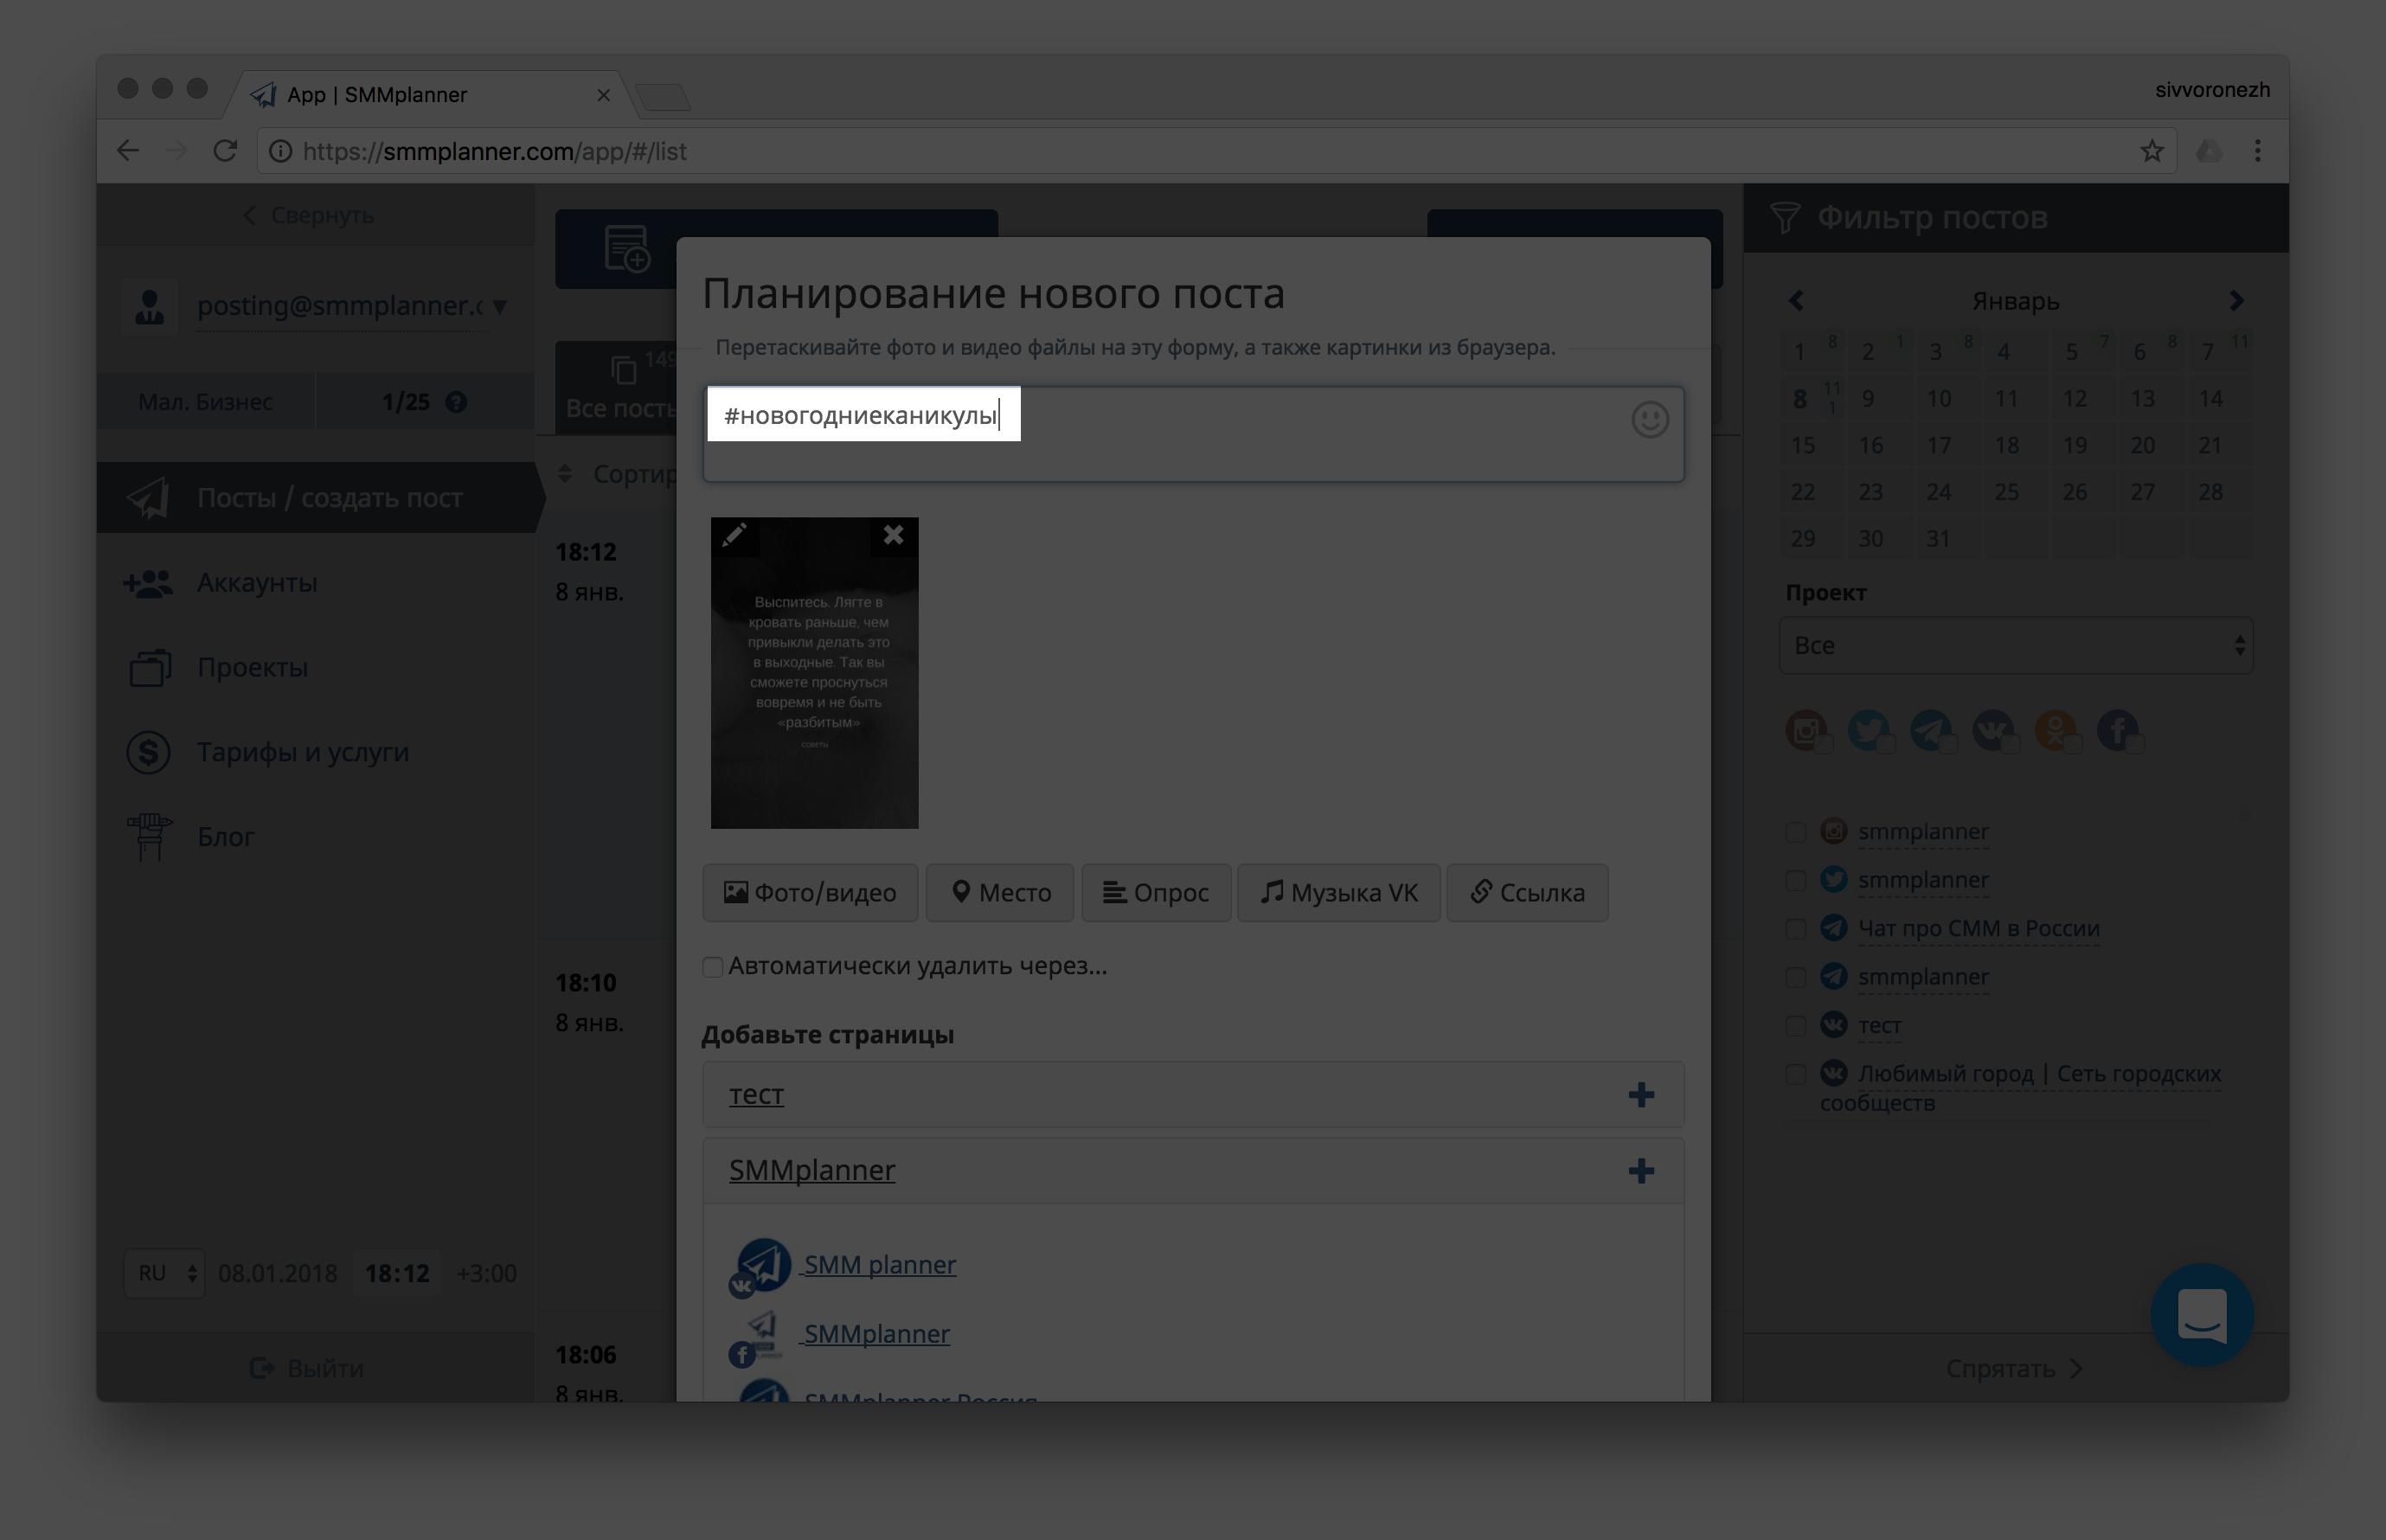 Можно опубликовать Истории с одним хэштегом и вывести Историю в топ по хэштегу